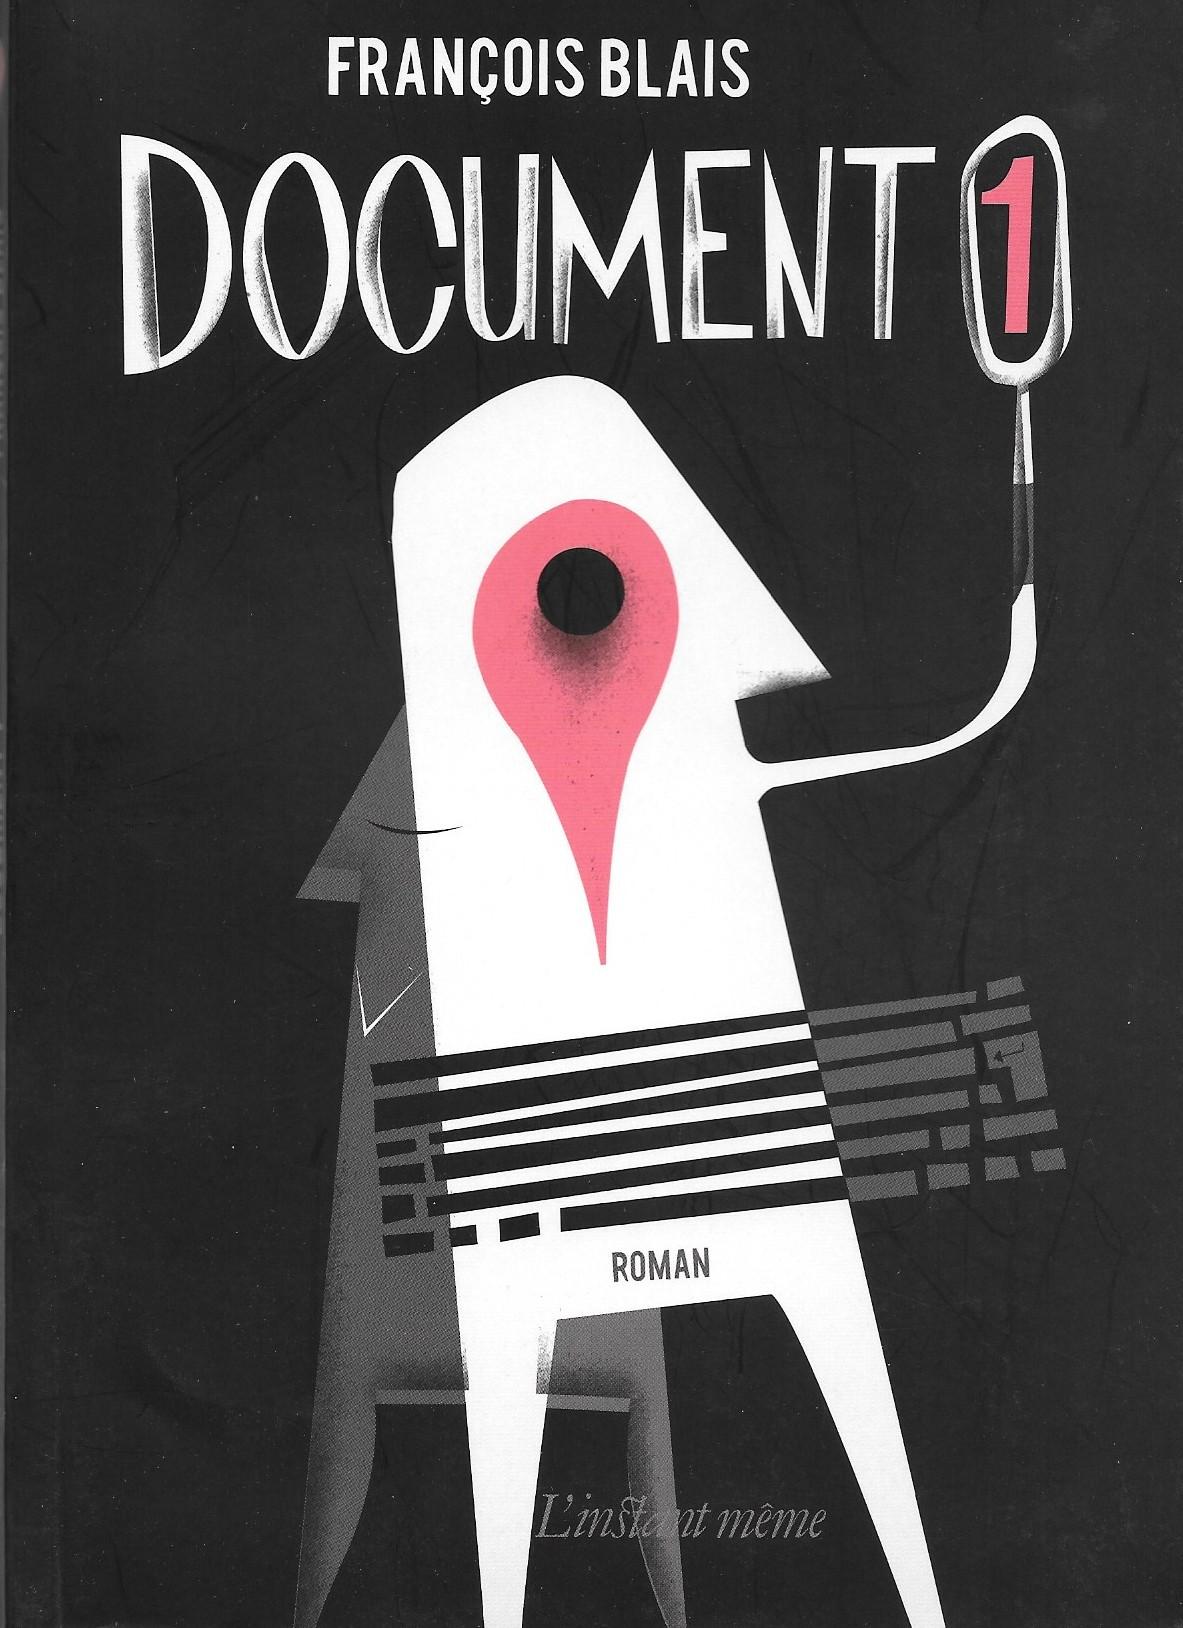 François Blais, Document 1, 2012, couverture